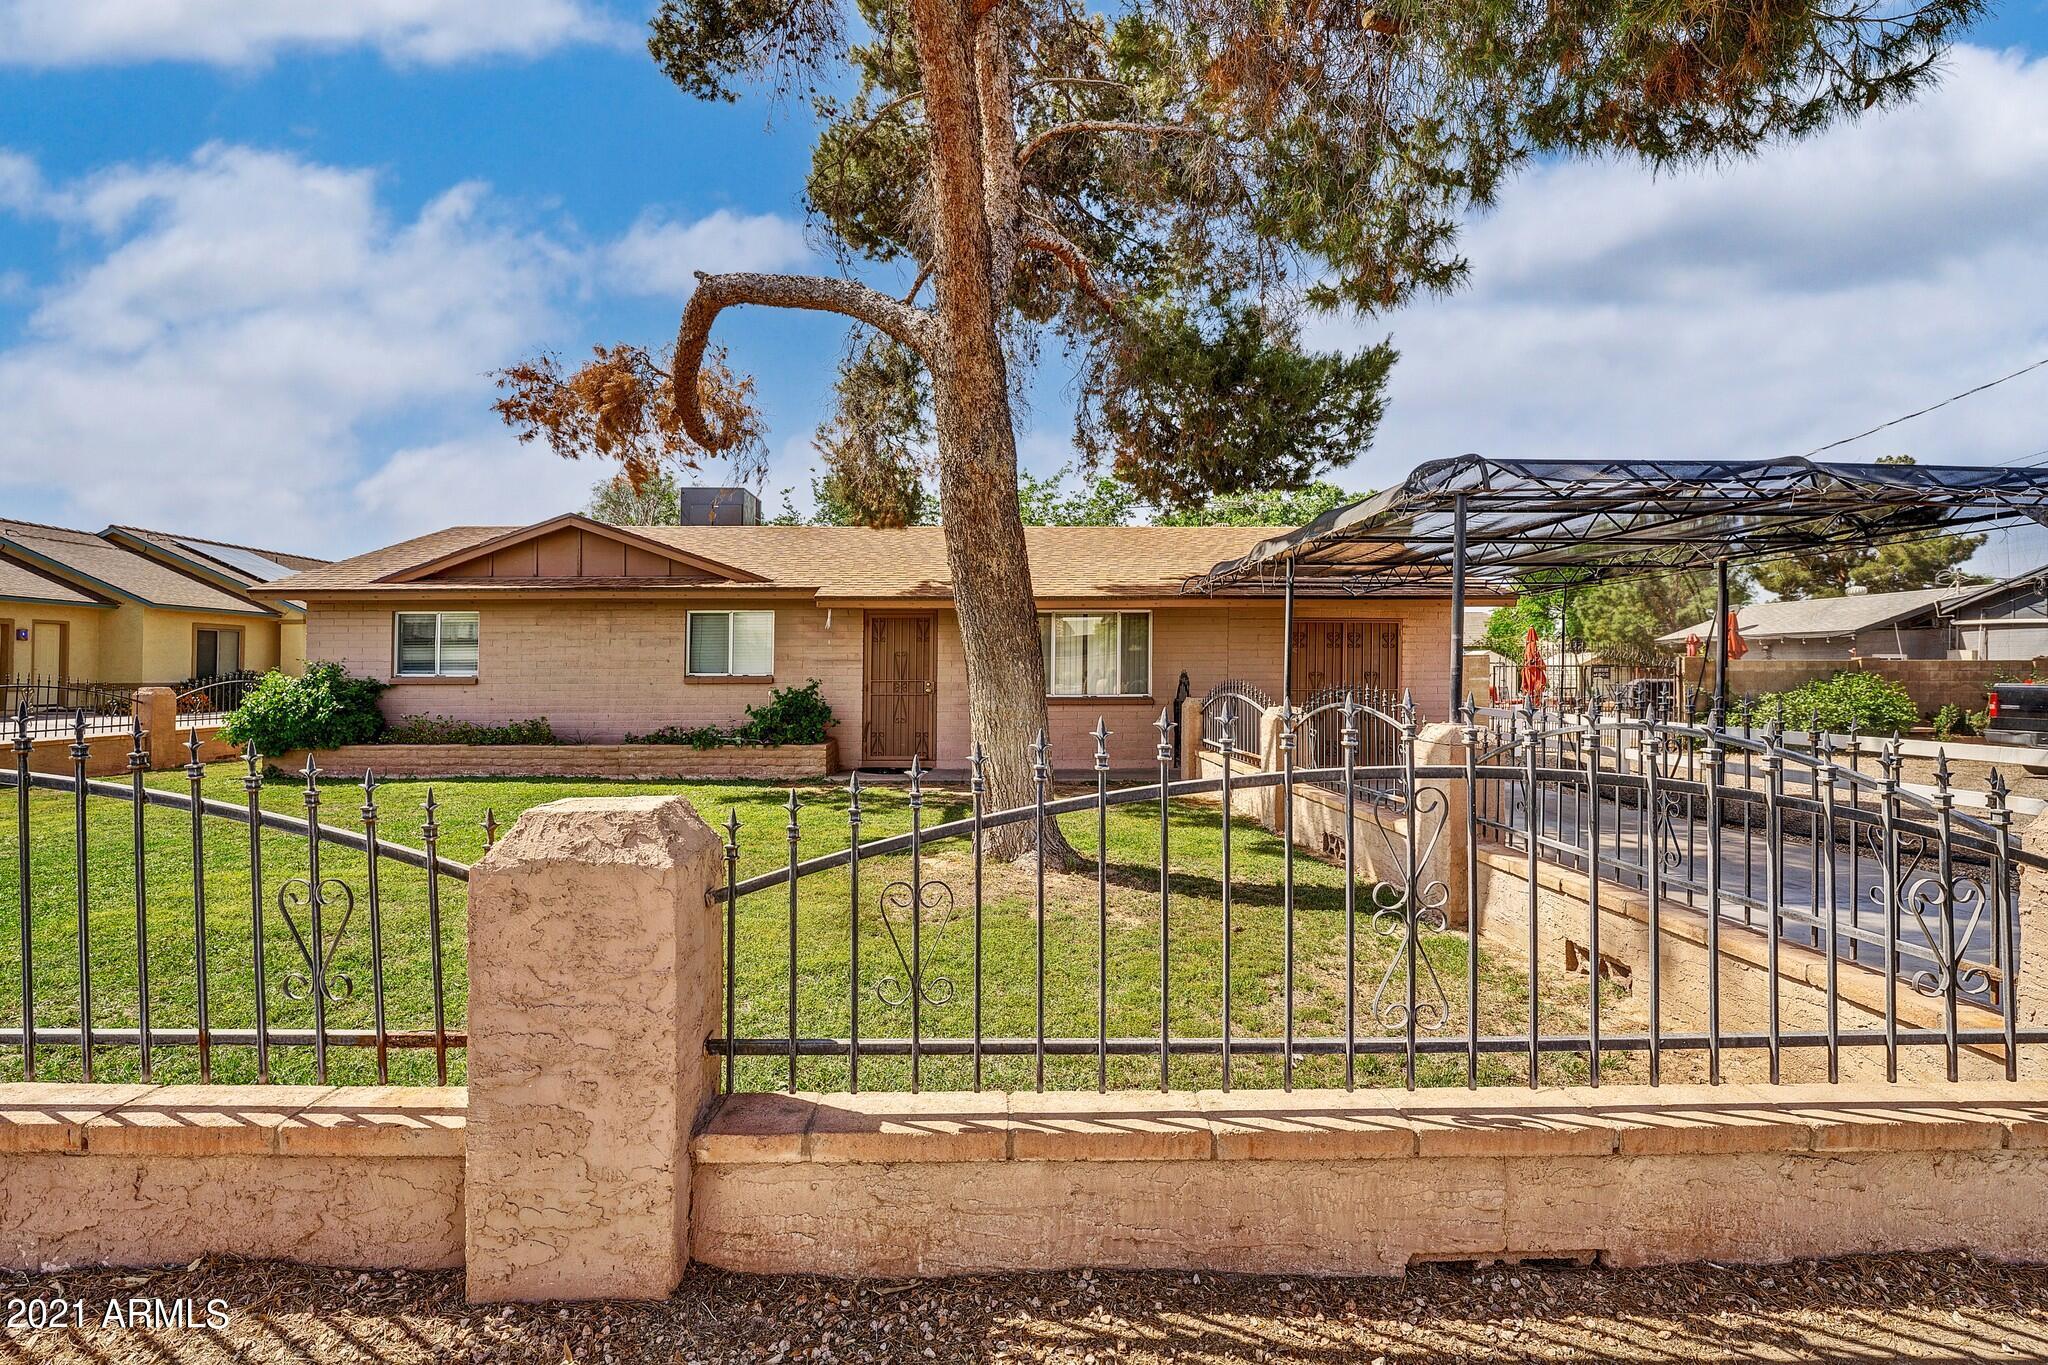 20515 OCOTILLO Road, Queen Creek, Arizona 85142, 4 Bedrooms Bedrooms, ,2 BathroomsBathrooms,Residential,For Sale,OCOTILLO,6222425